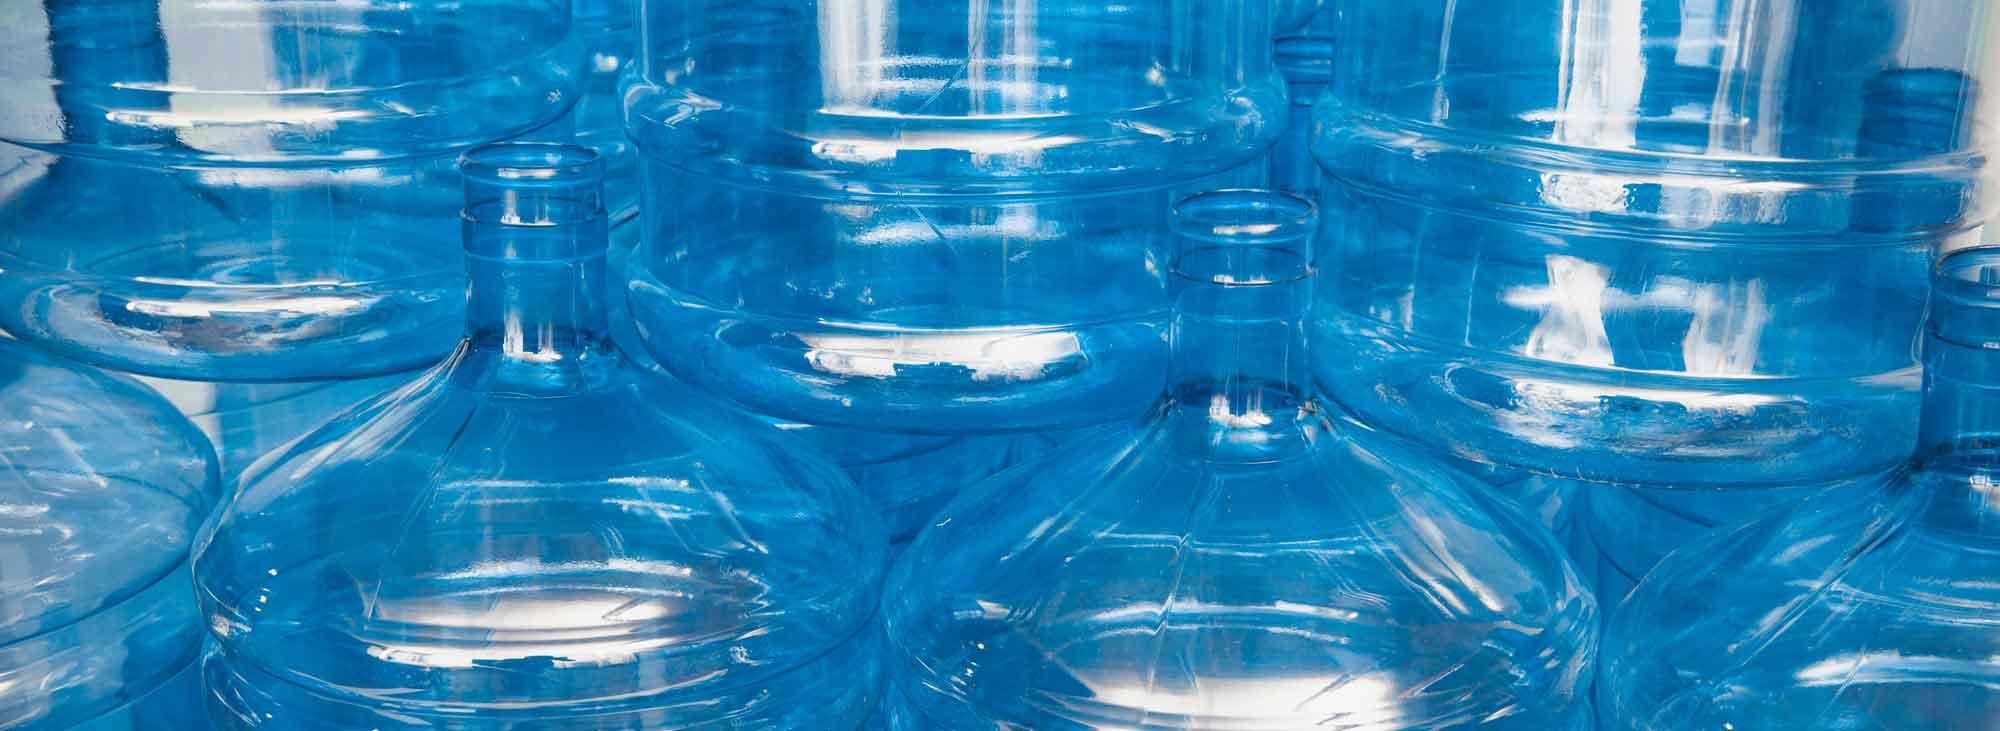 banner-bottles3